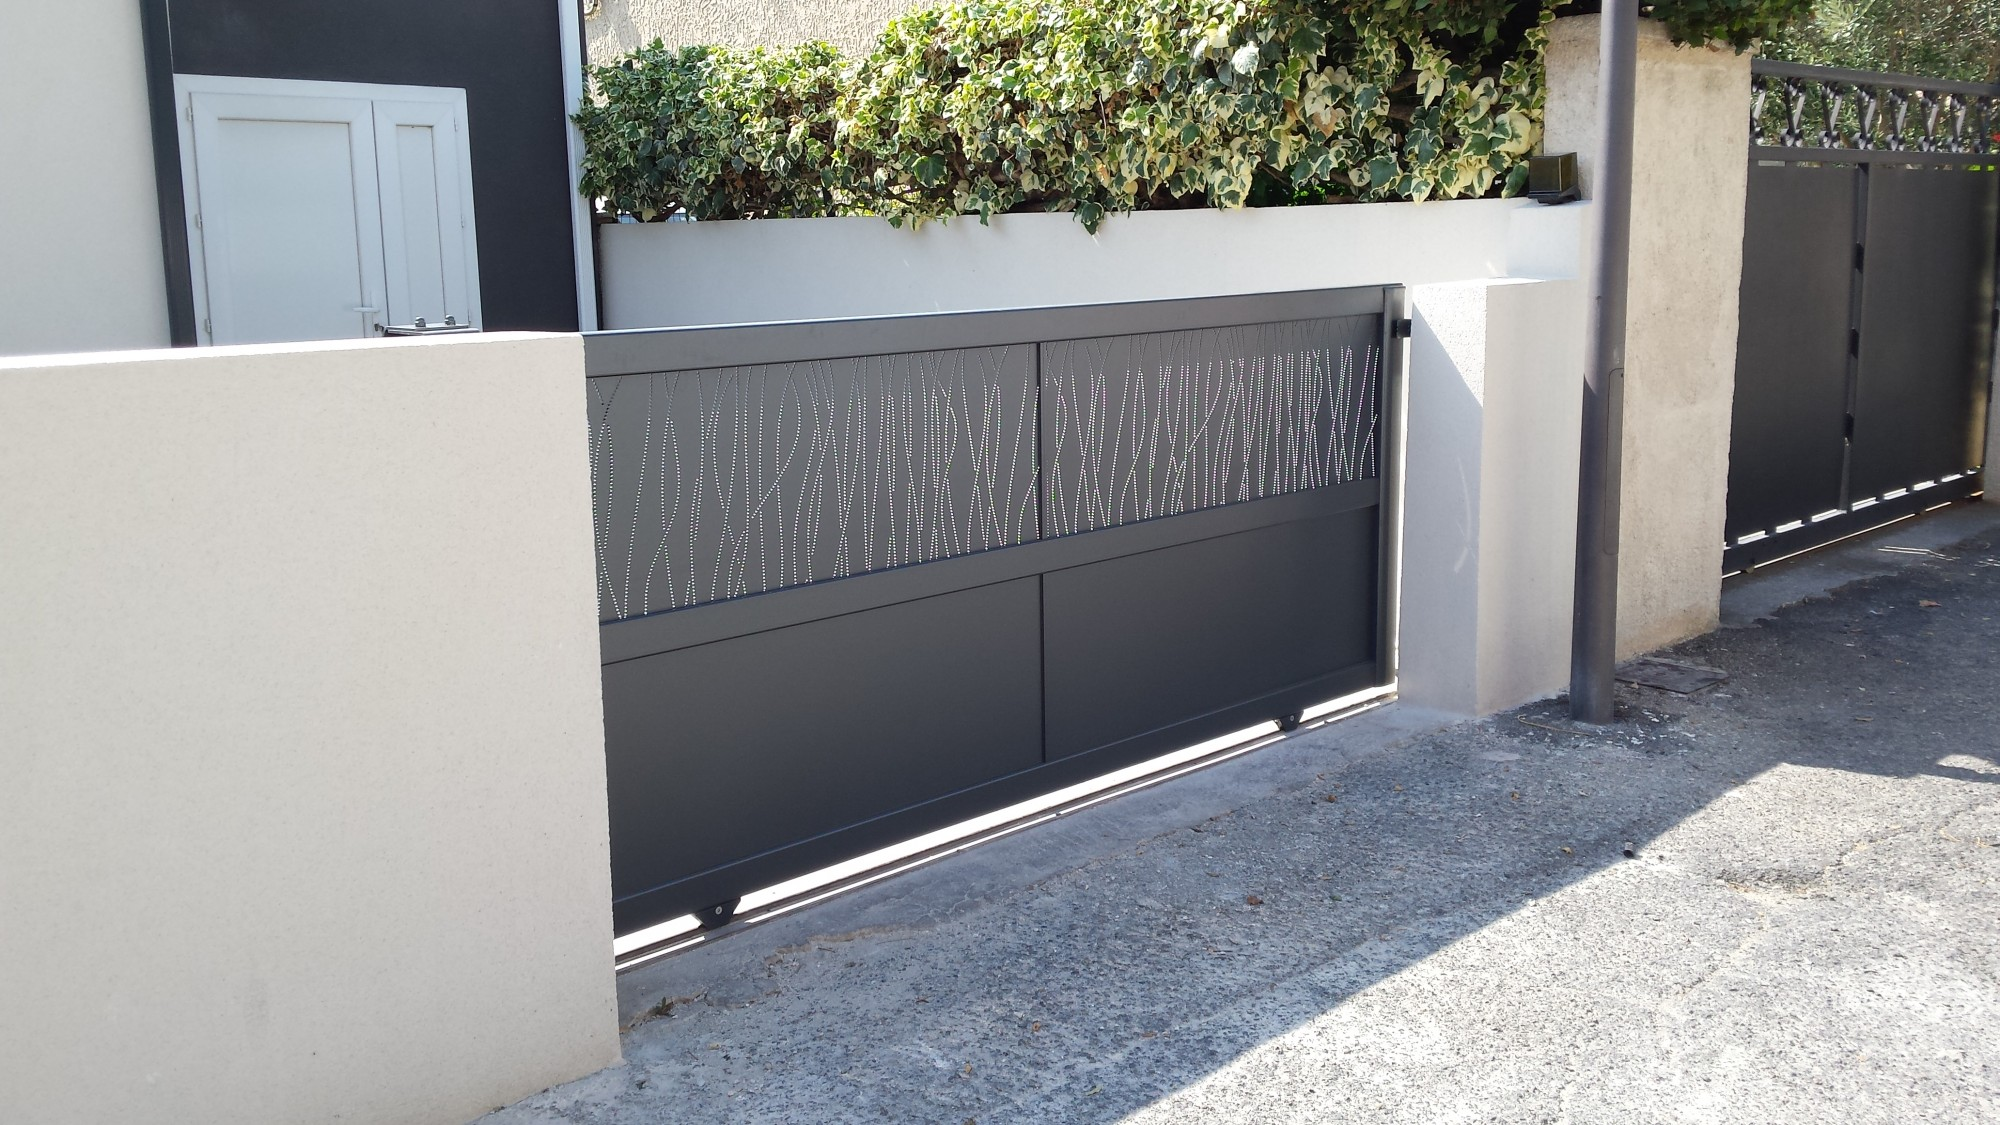 Barriere en alu barriere en alu portail alu gris anthracite maison infos barriere de piscine for Prix barriere alu